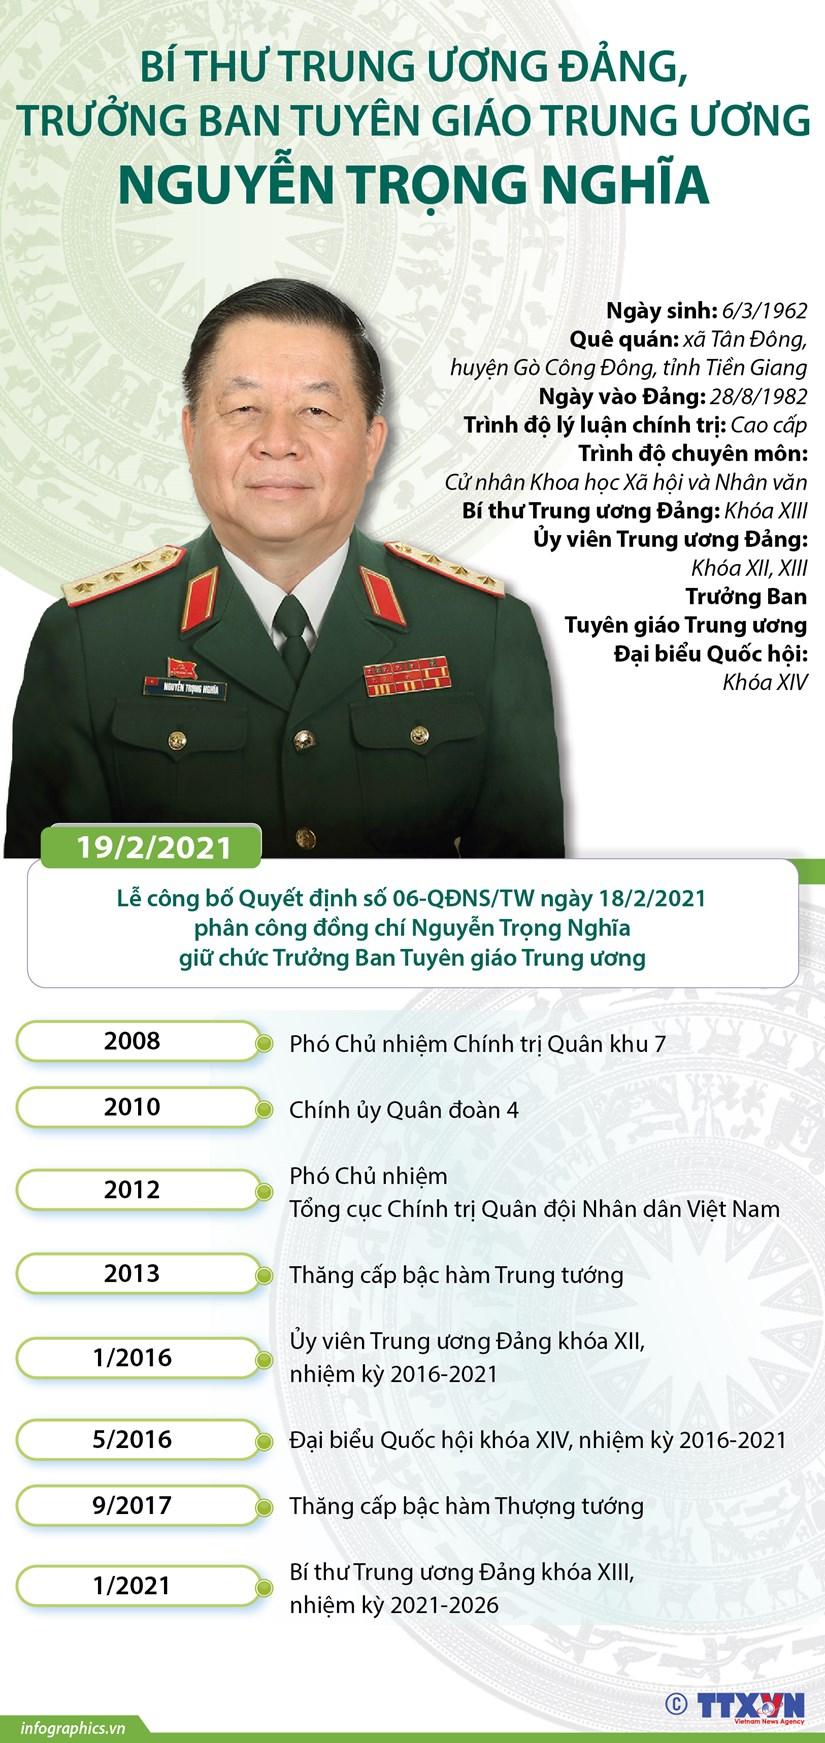 [Infographics] Truong Ban Tuyen giao Trung uong Nguyen Trong Nghia hinh anh 1